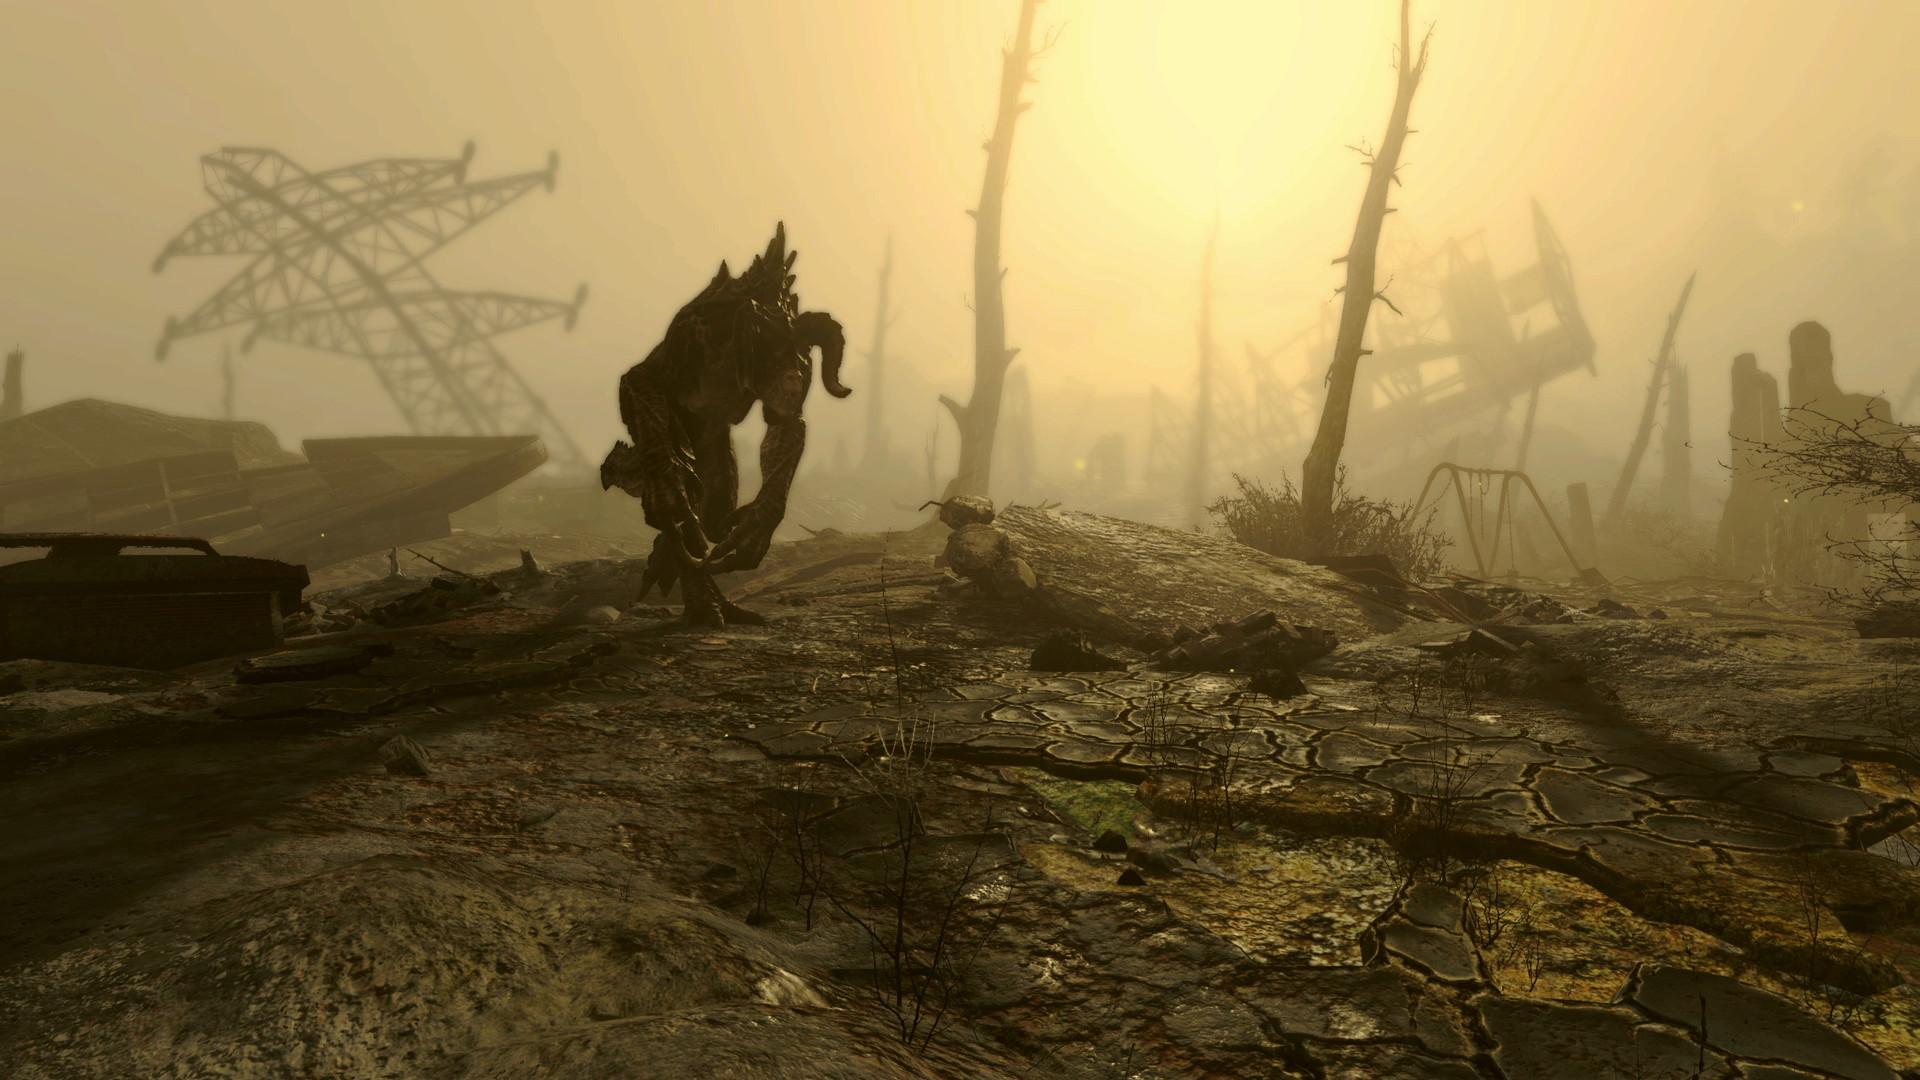 Fallout 4 Bethesda Game Studios